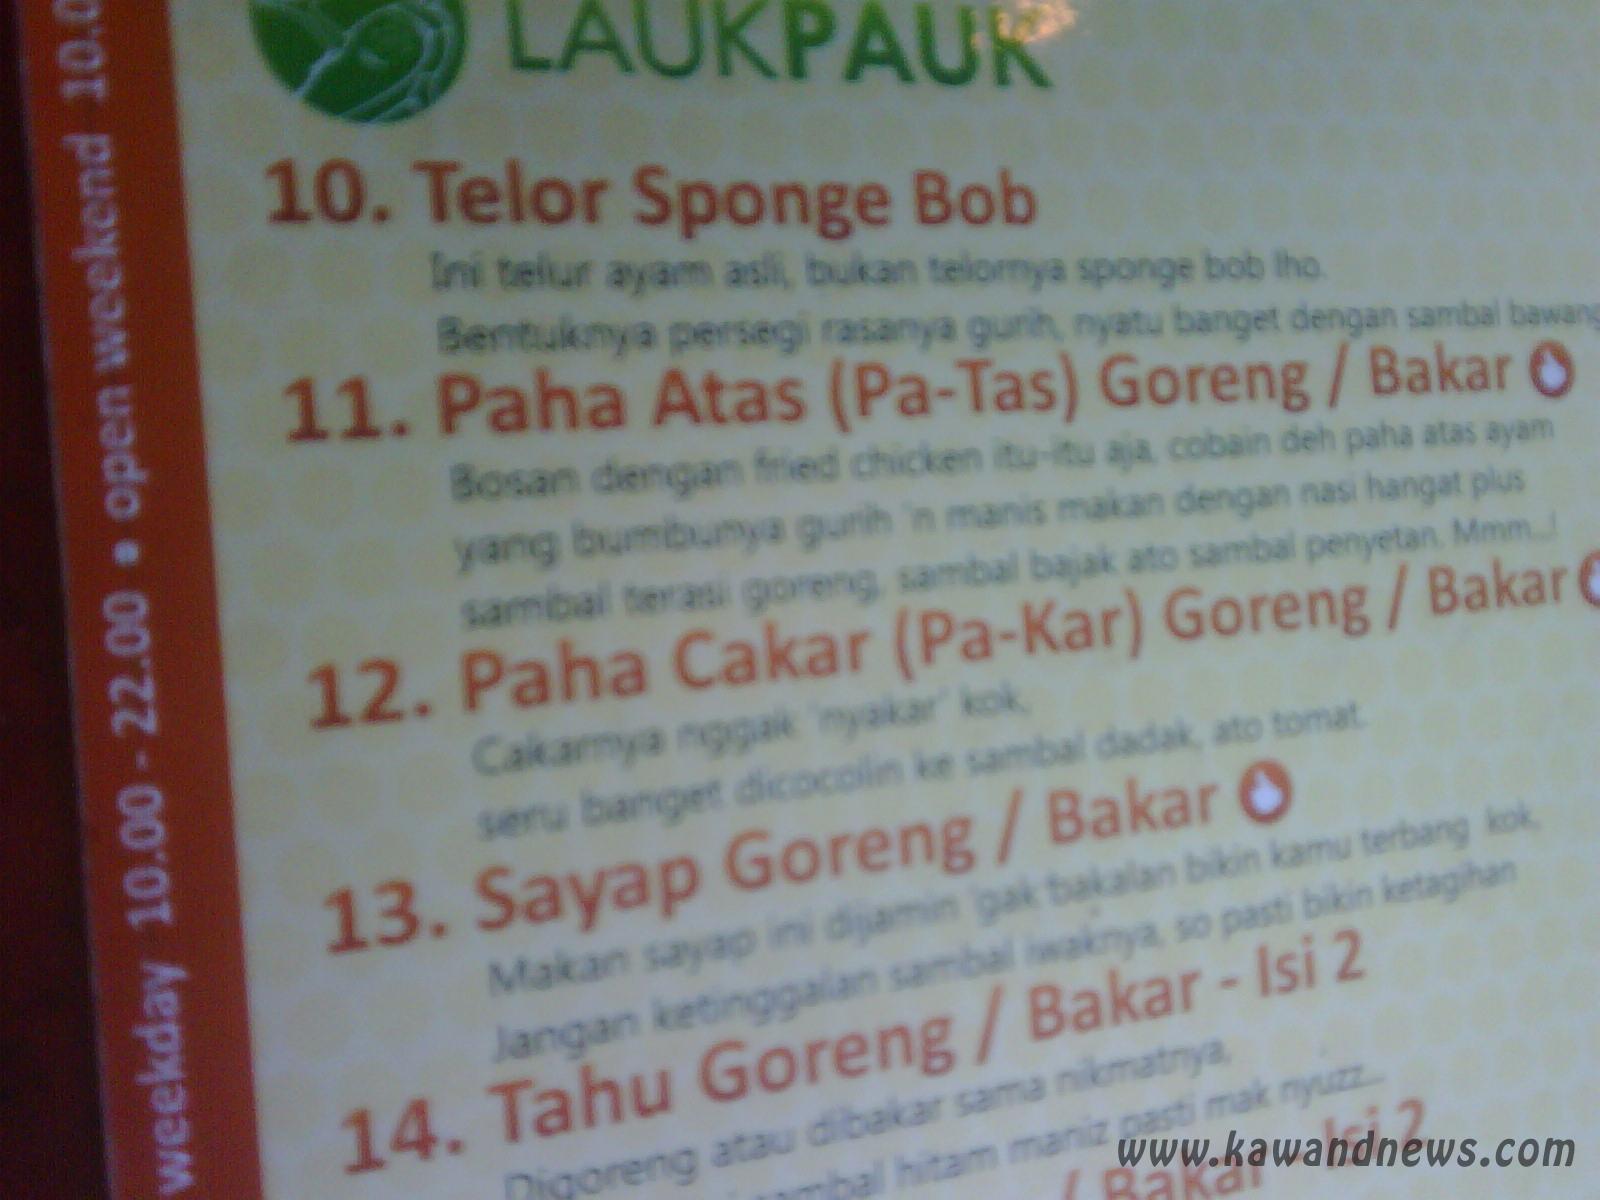 Telah Ditemukan Menu Makanan Aneh Dan Lucu Telur Spongebob